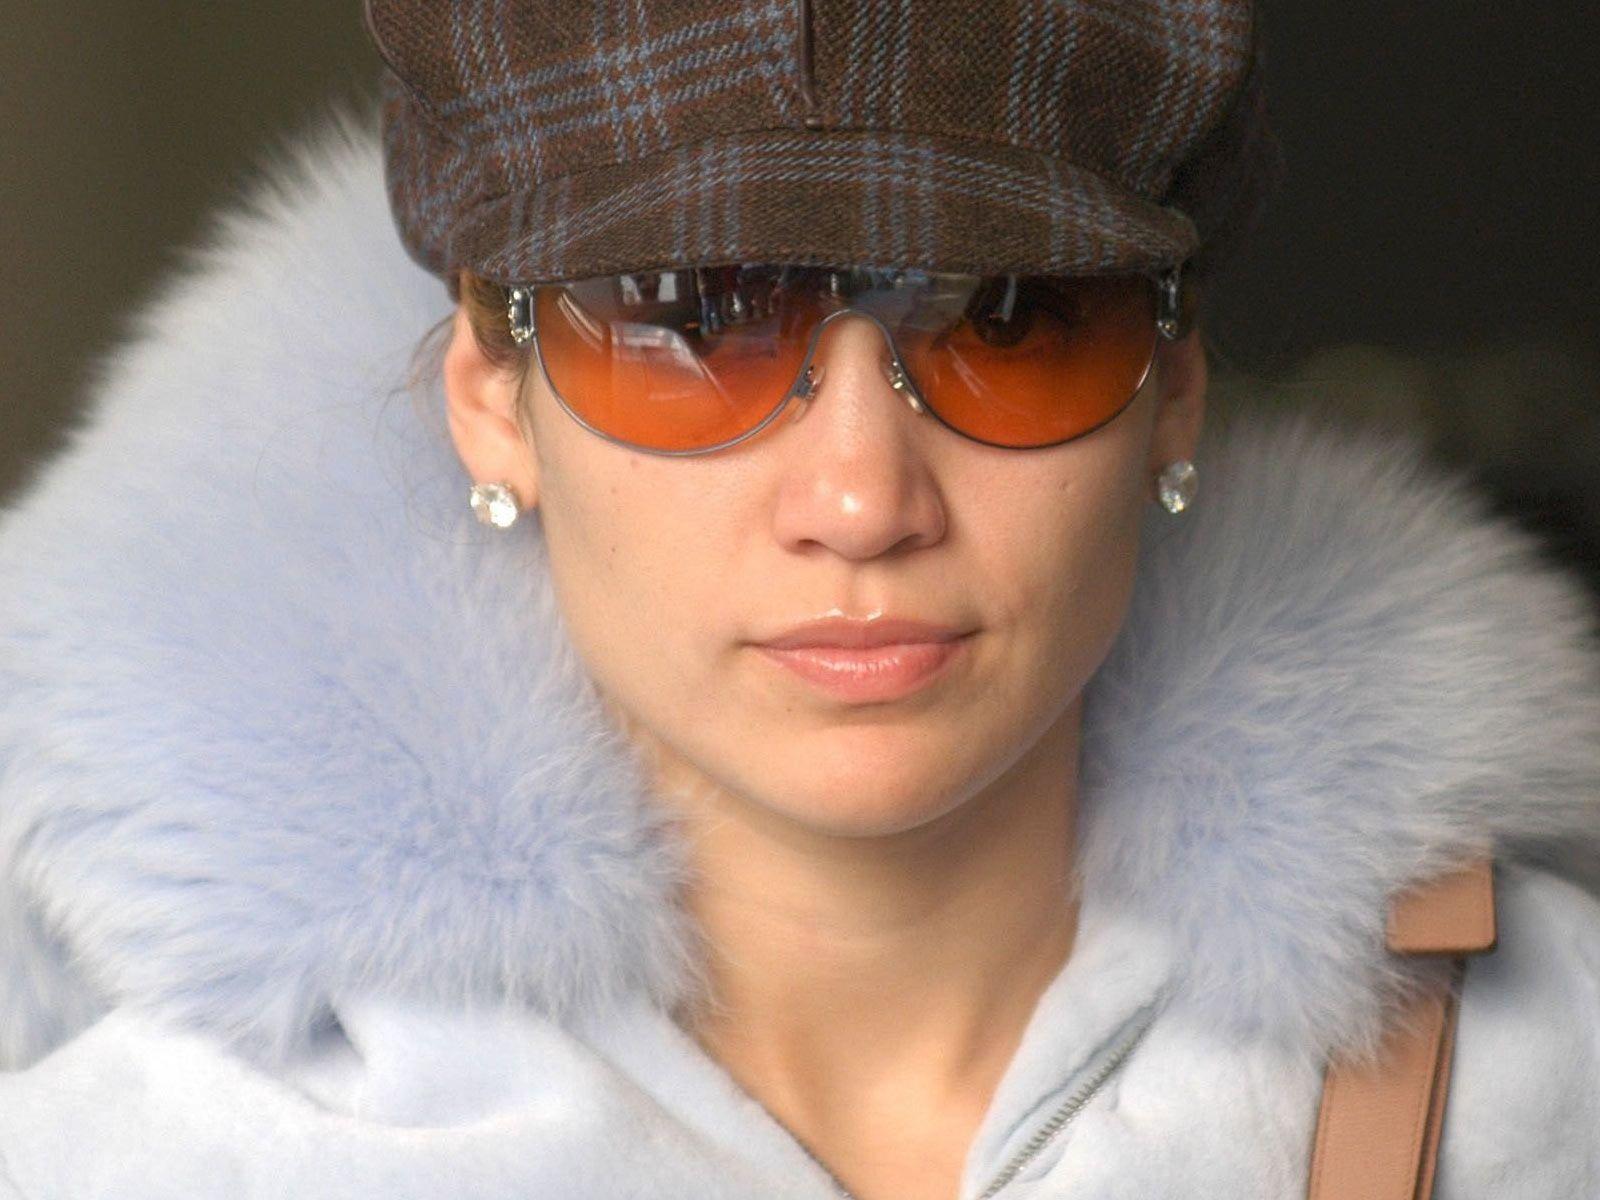 http://4.bp.blogspot.com/-FpDm-78FXq4/UKOVNbNBcFI/AAAAAAAAA84/IKY5kCkdWWw/s1600/Jennifer+Lopez+HD+2012+Wallpapers+1600+X+1200+(6).jpg